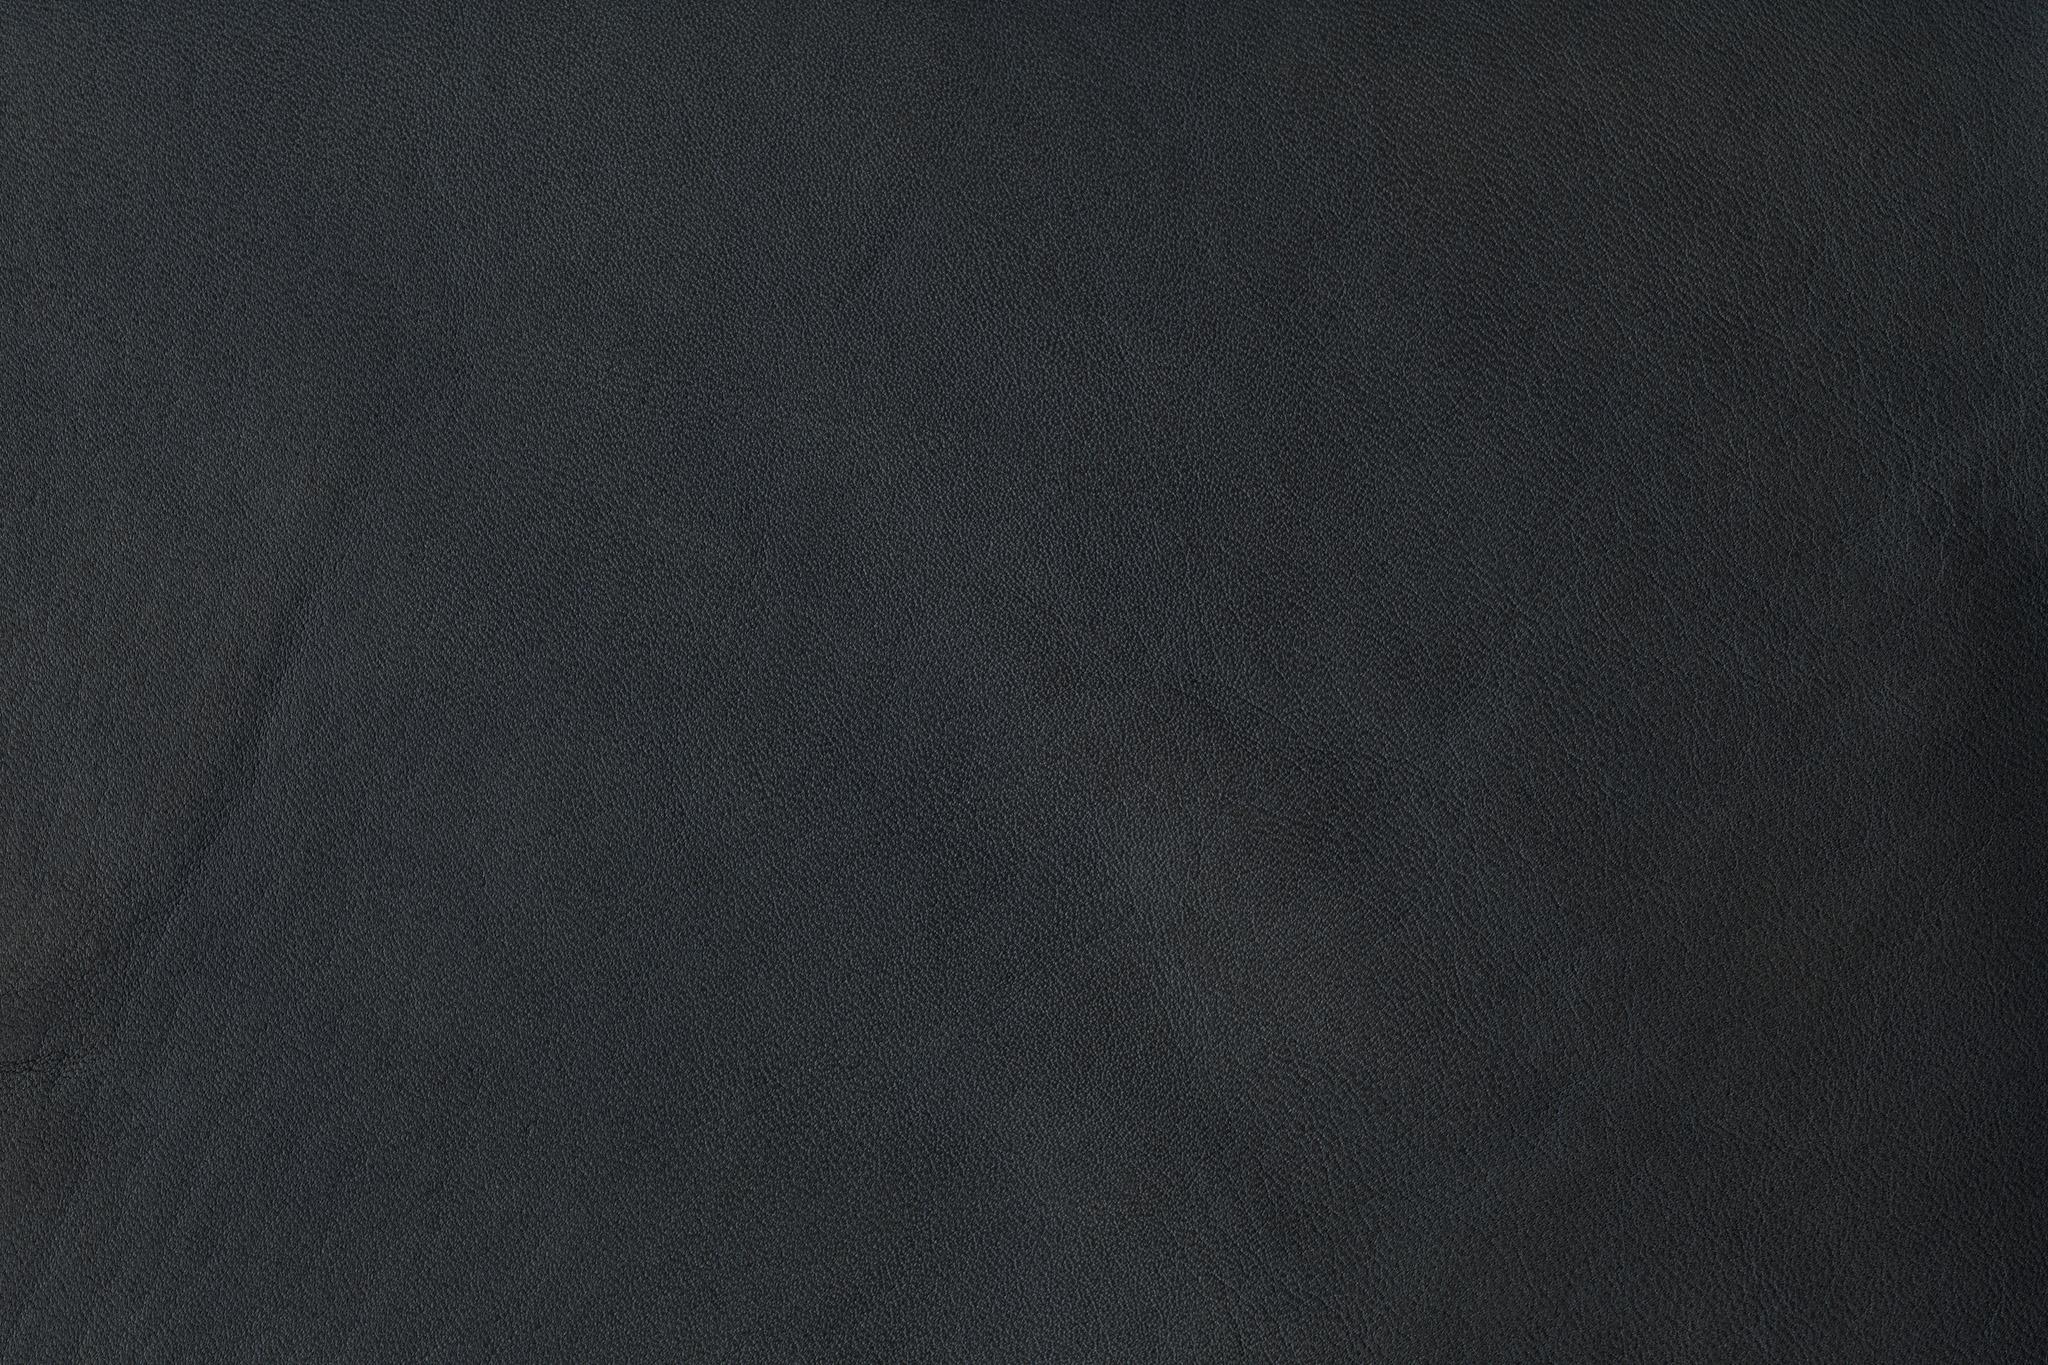 「ダーク色系の牛革」の背景を無料ダウンロード